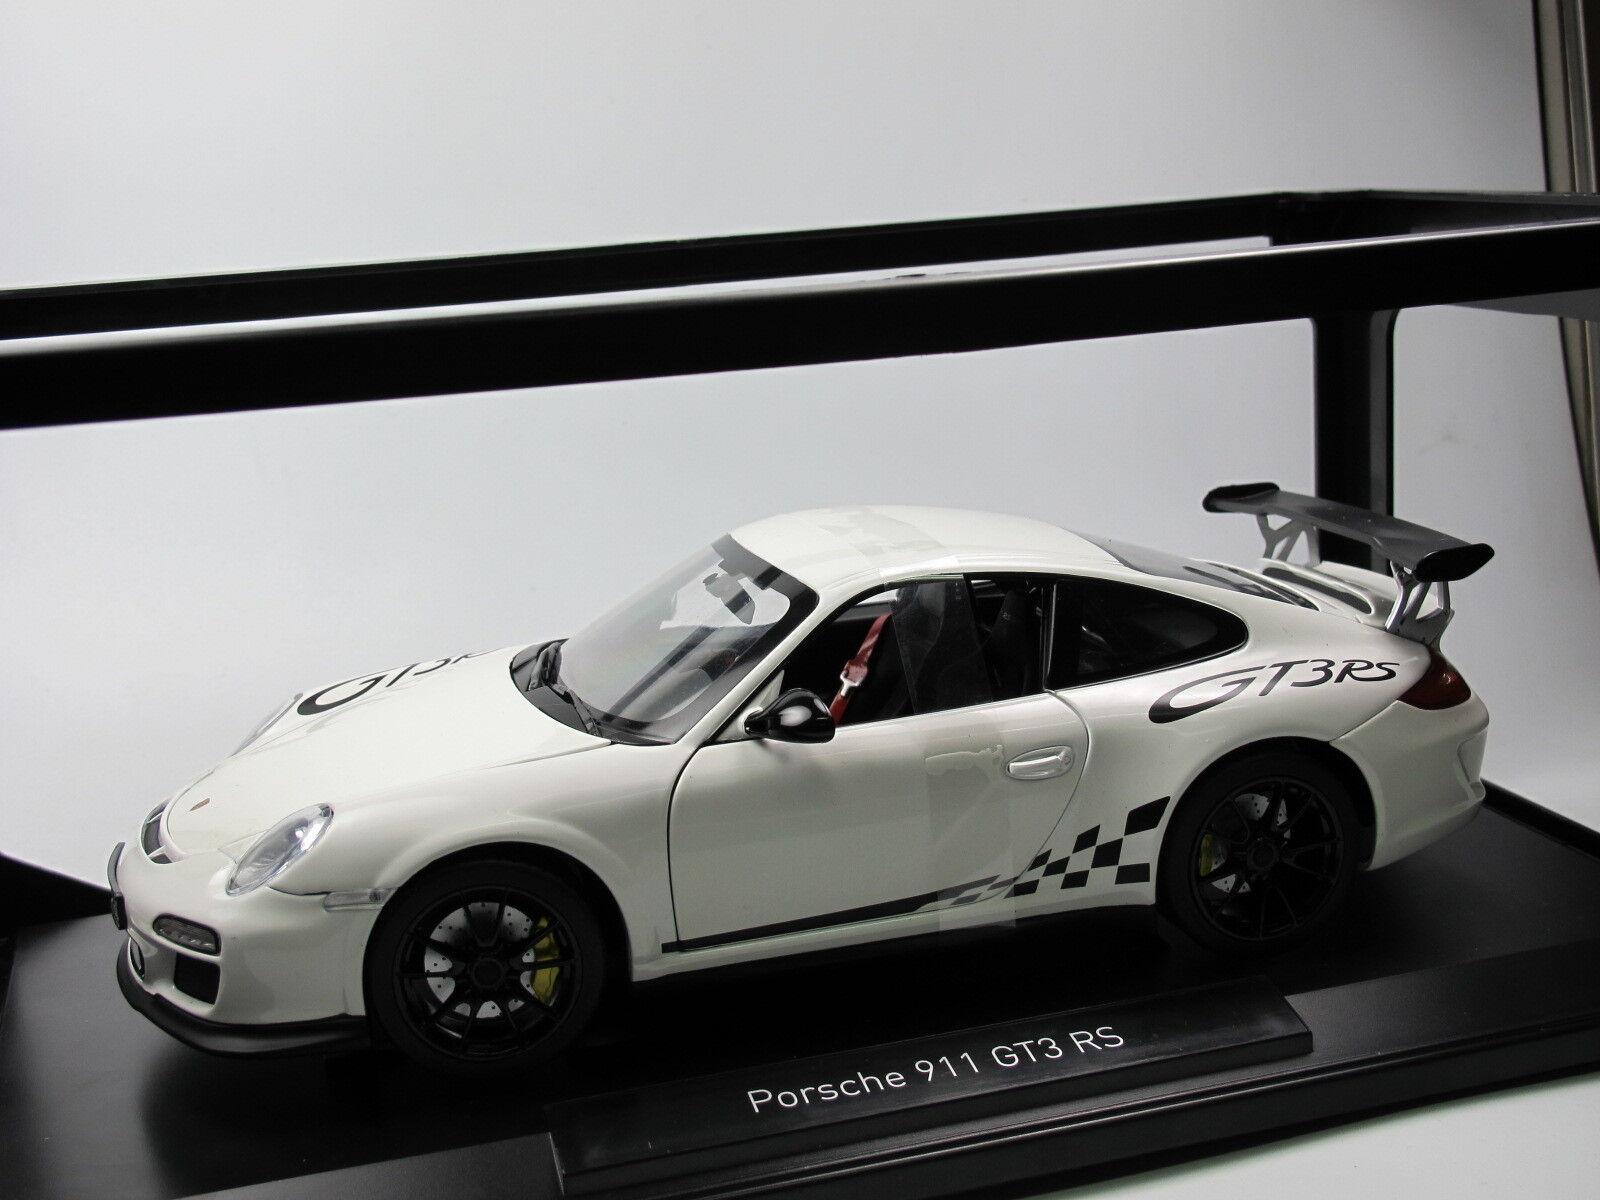 NOREV 187561-Porsche 911 gt3 rs-Année 2010-Blanc - 1 18 NEUF